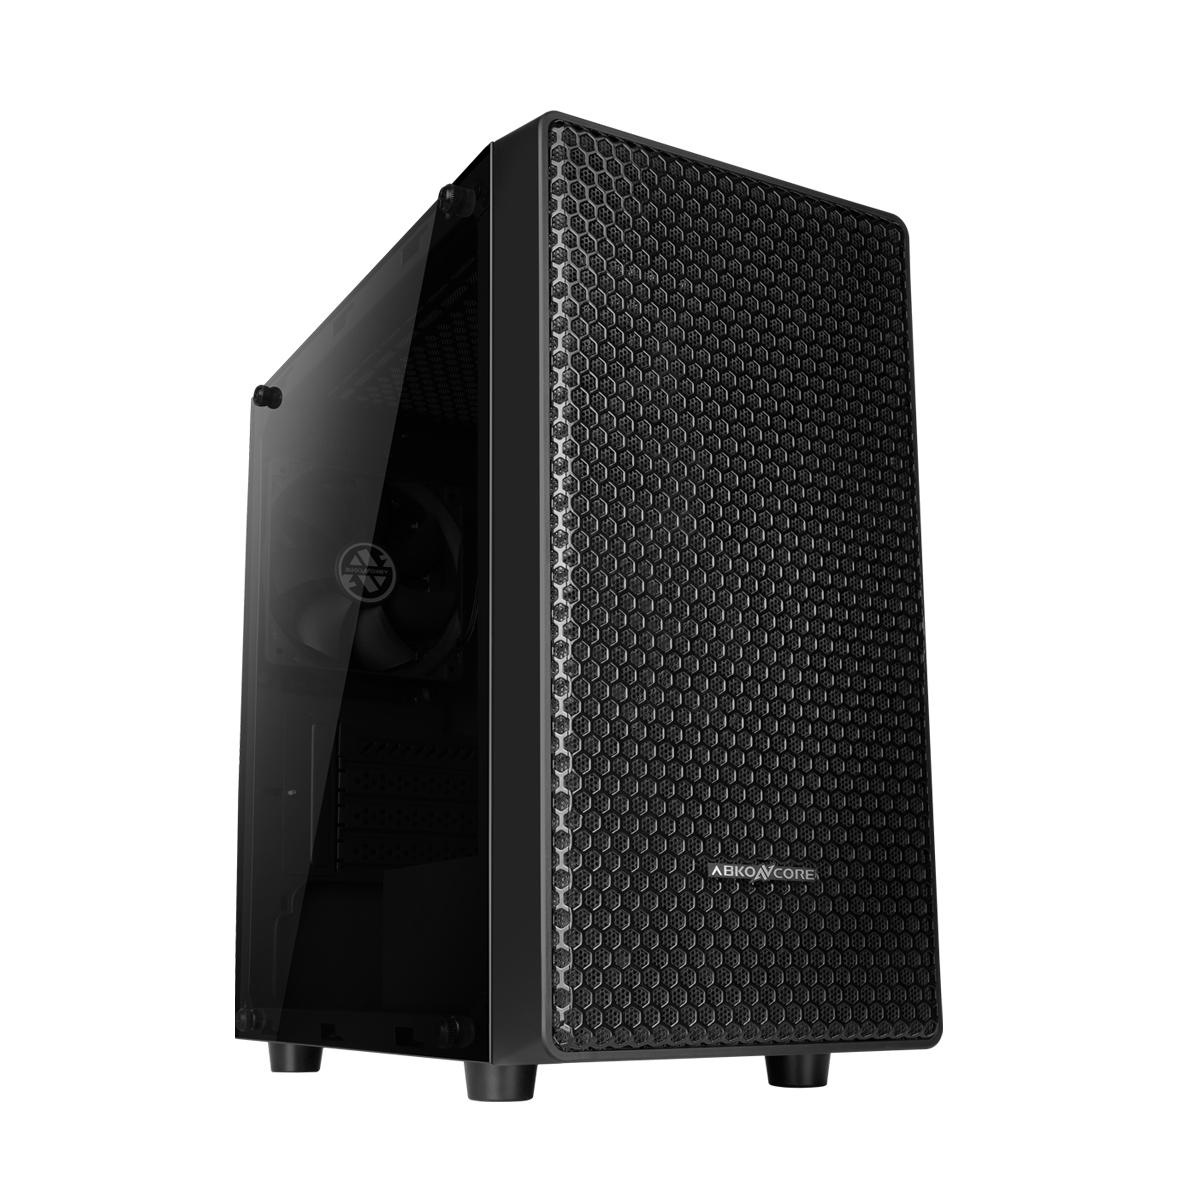 Abkoncore CRONOS 350M computer Case